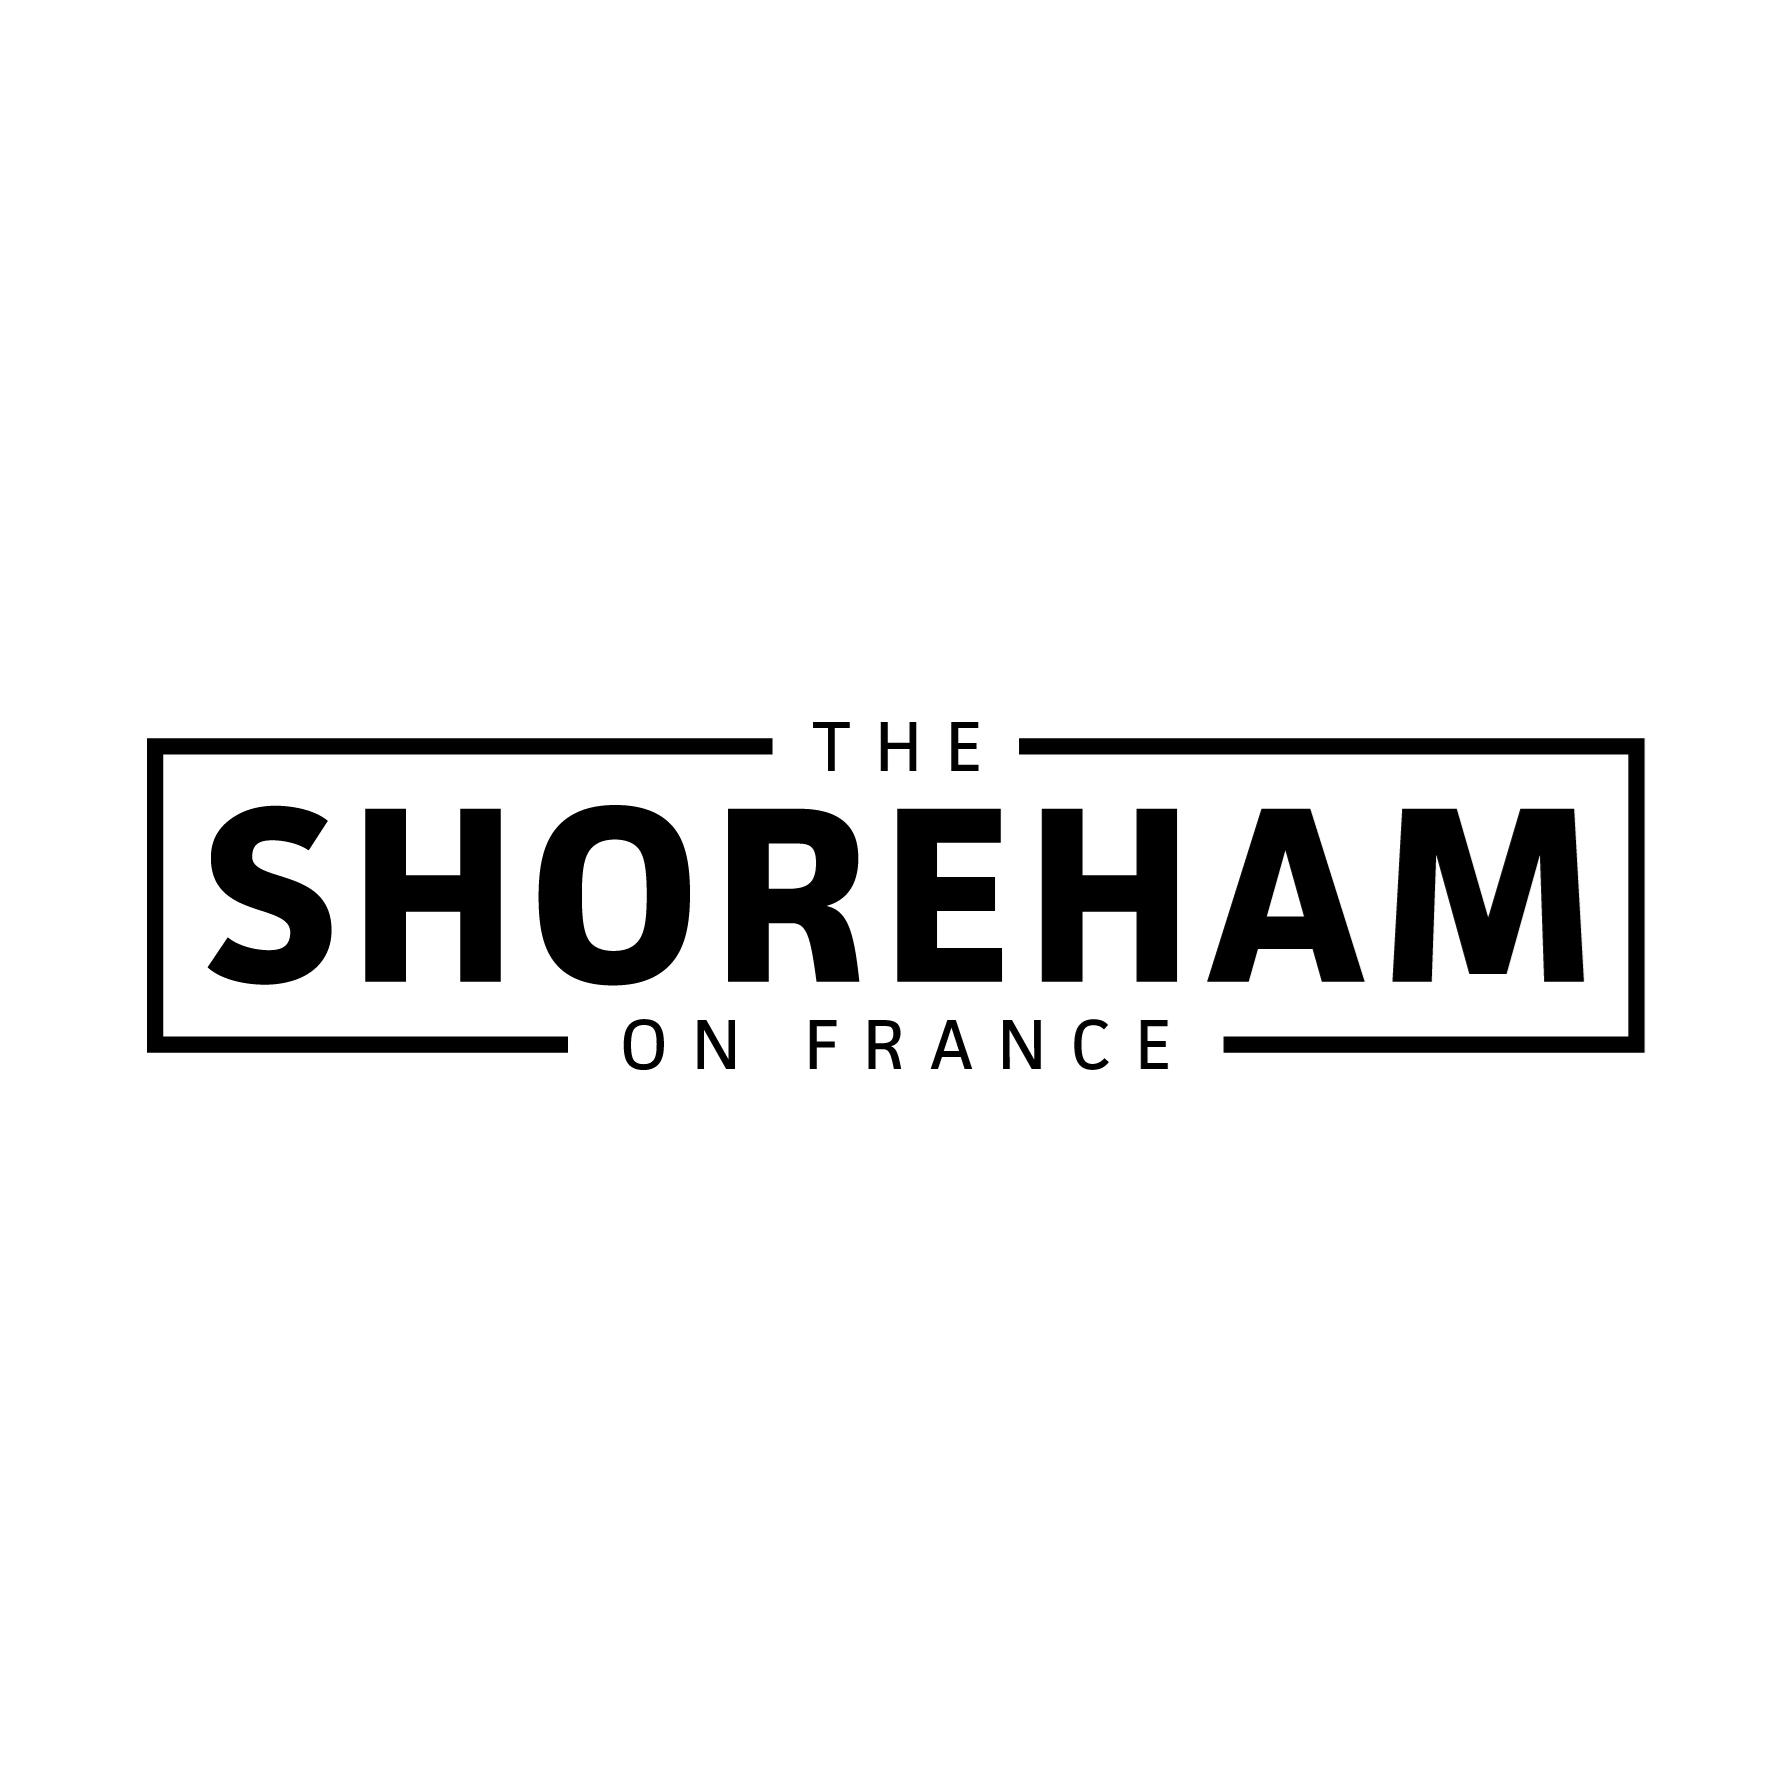 The Shoreham